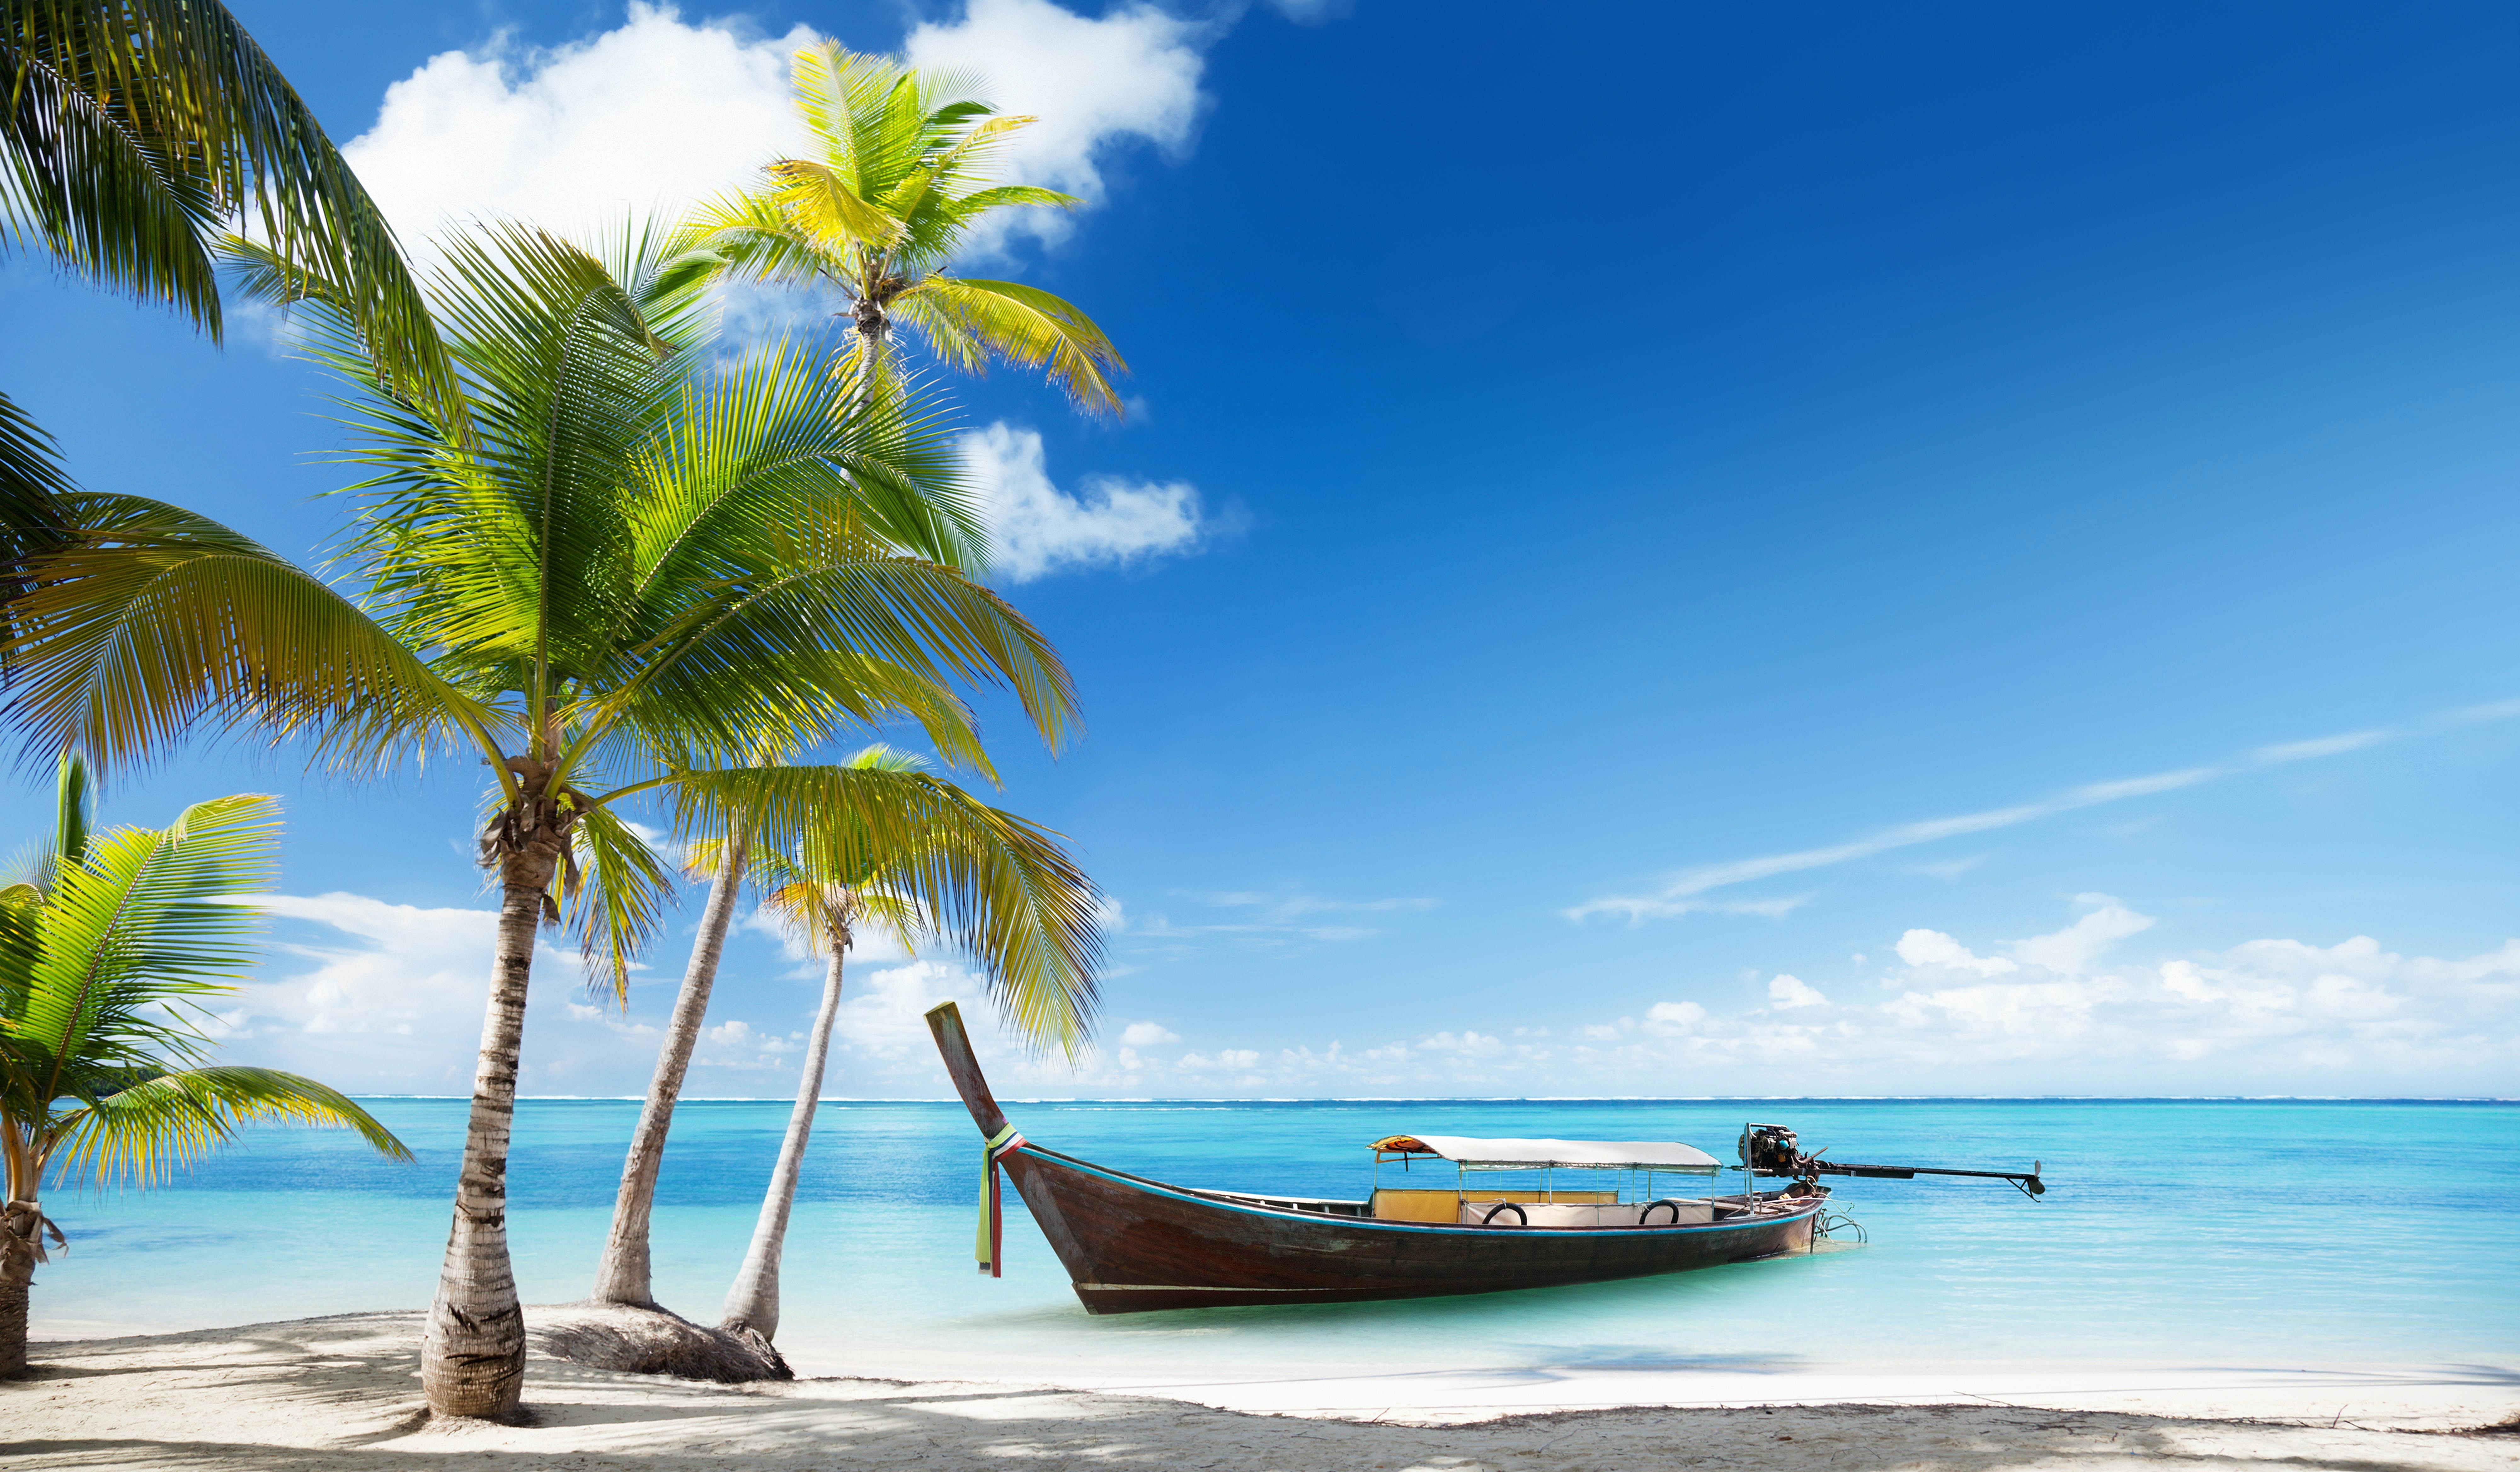 берег пальма море солнце пляж  № 3779804 без смс